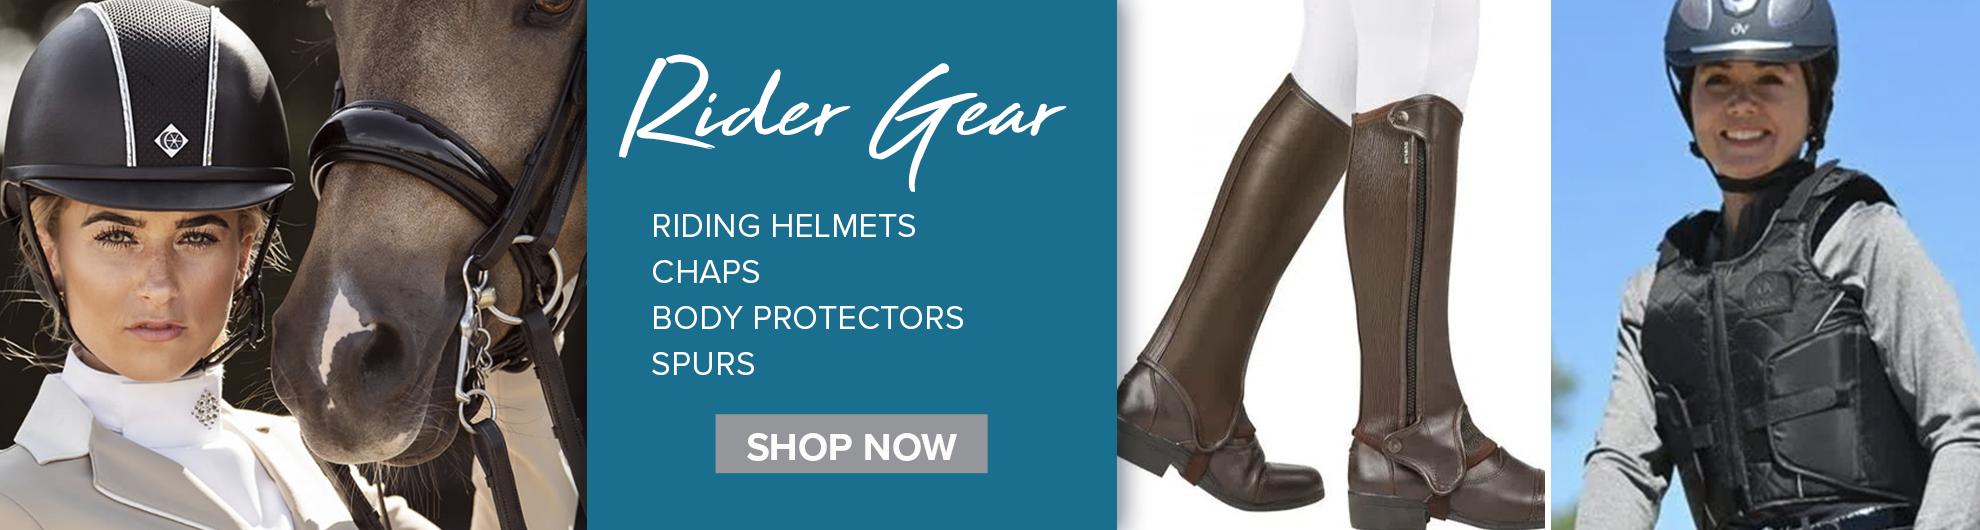 Rider Gear